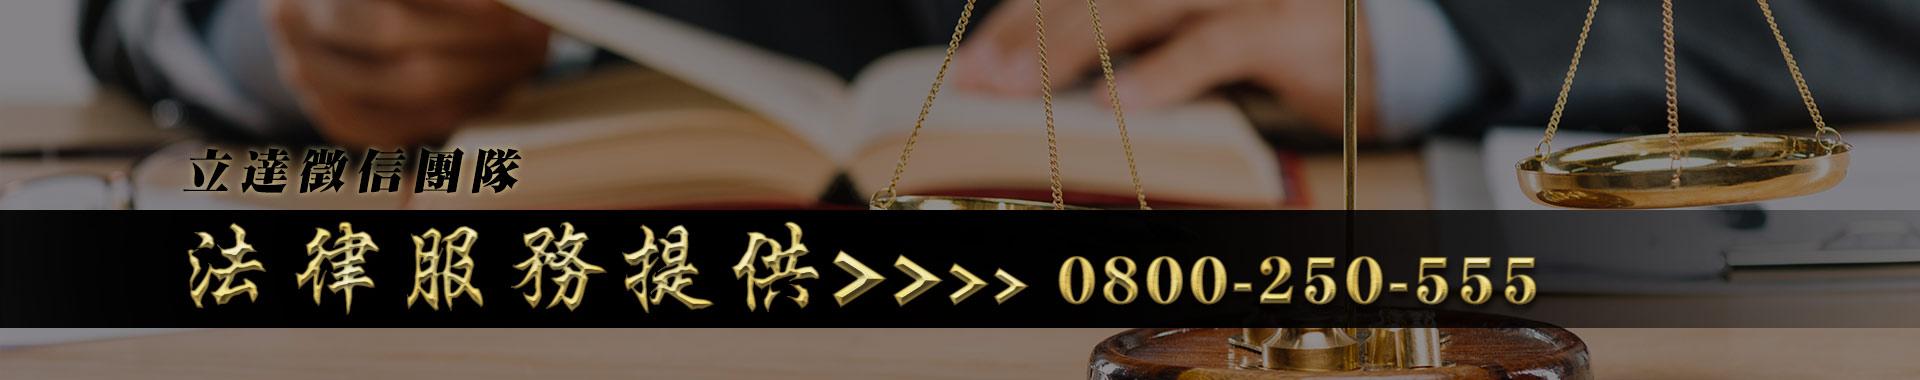 法律服務提供